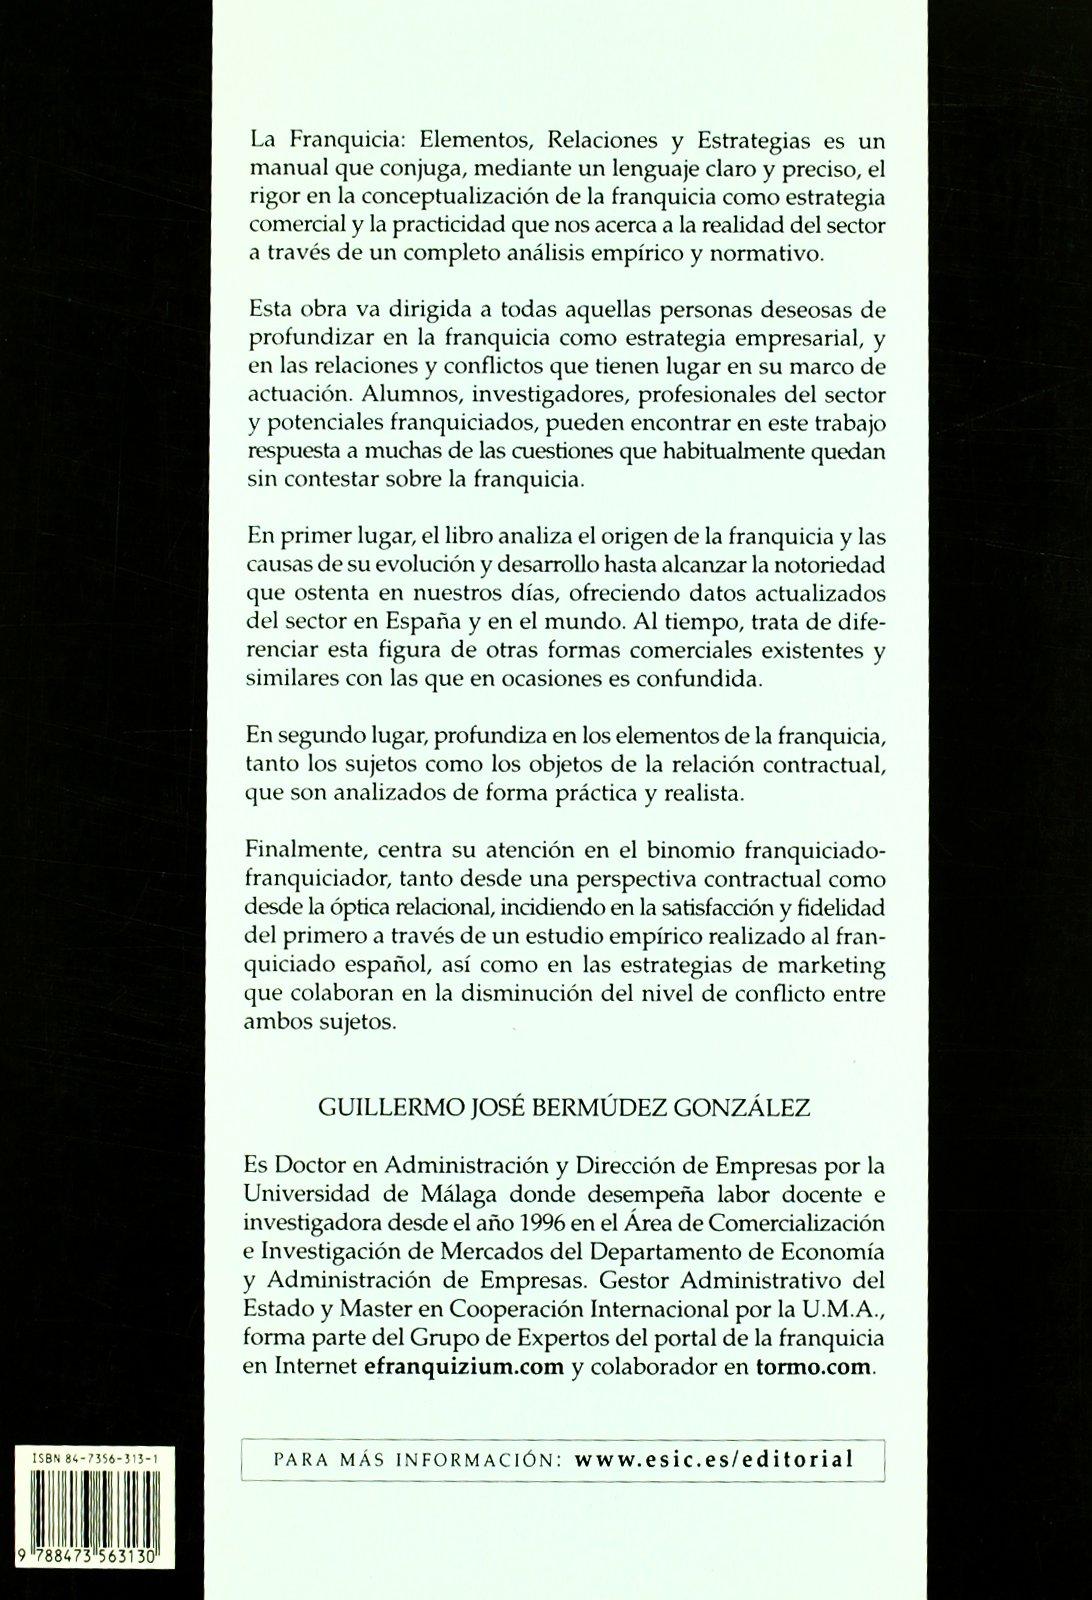 LA FRANQUICIA. - elementos, relaciones y estrategias: BERMÚDEZ: 9788473563130: Amazon.com: Books